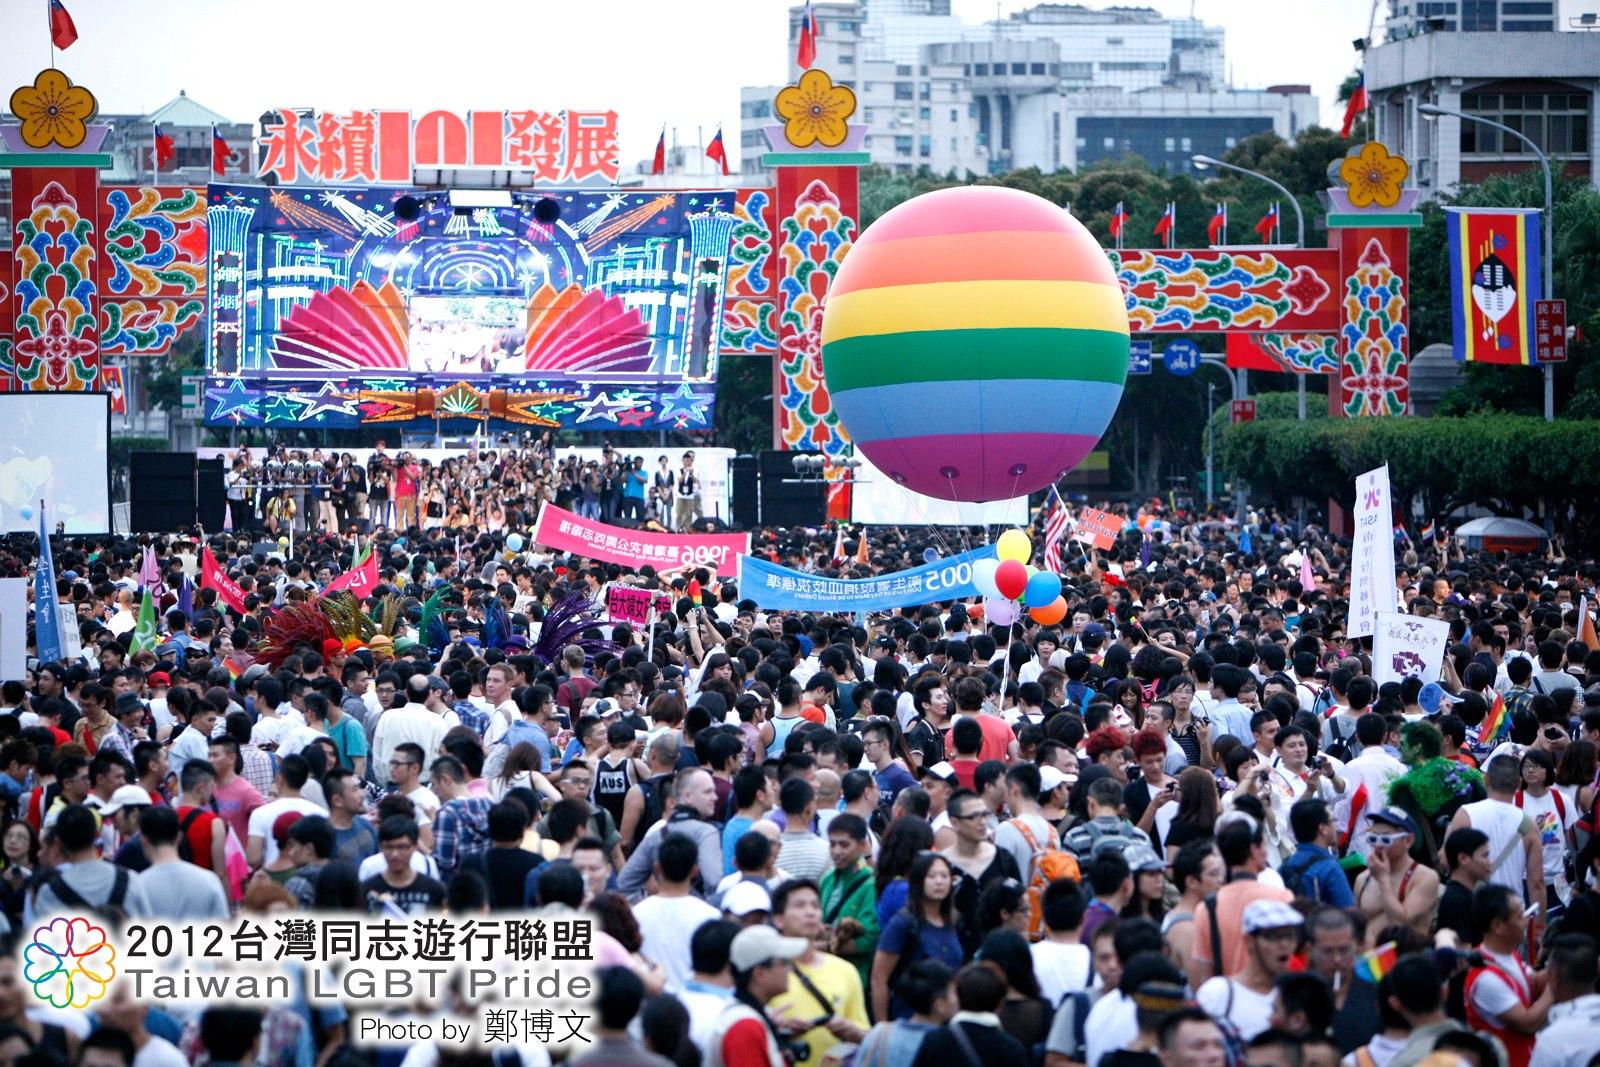 「臺灣對同志的友善,像是一層不真實的霧」,人們說著接納同志,只是因為沒被踩到心中的底線 – VStory 你 ...